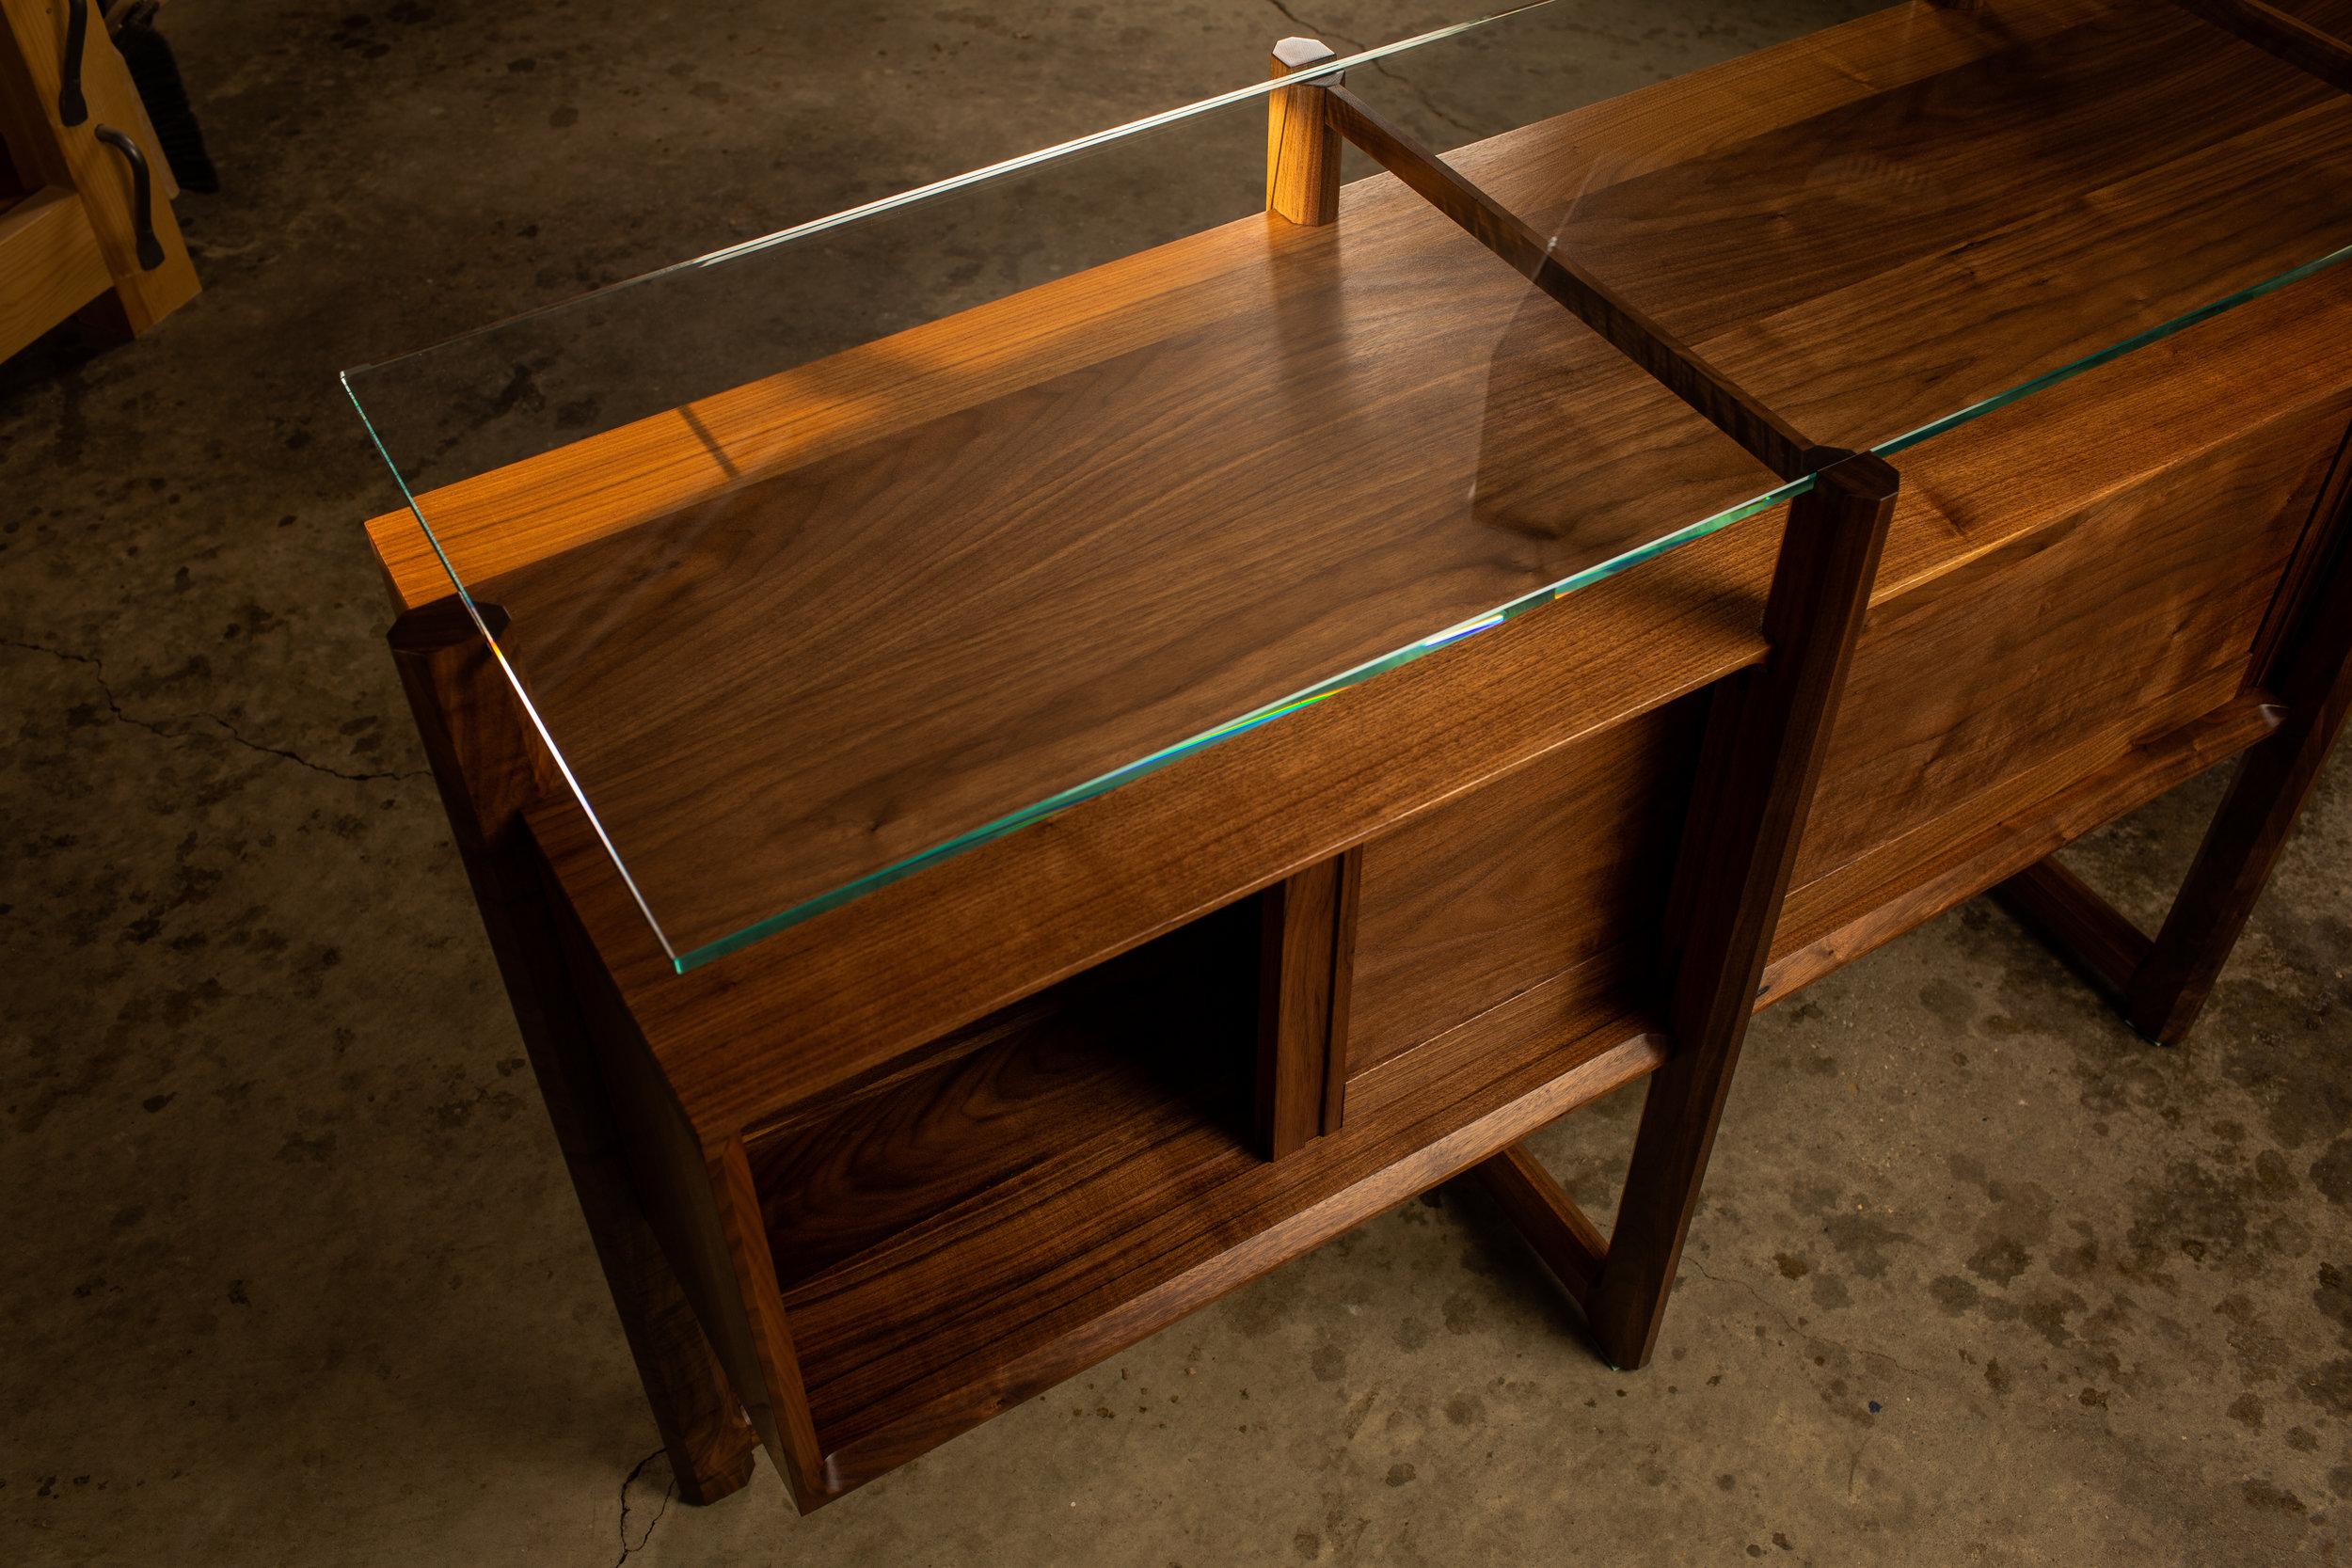 Console by Kenton Jeske